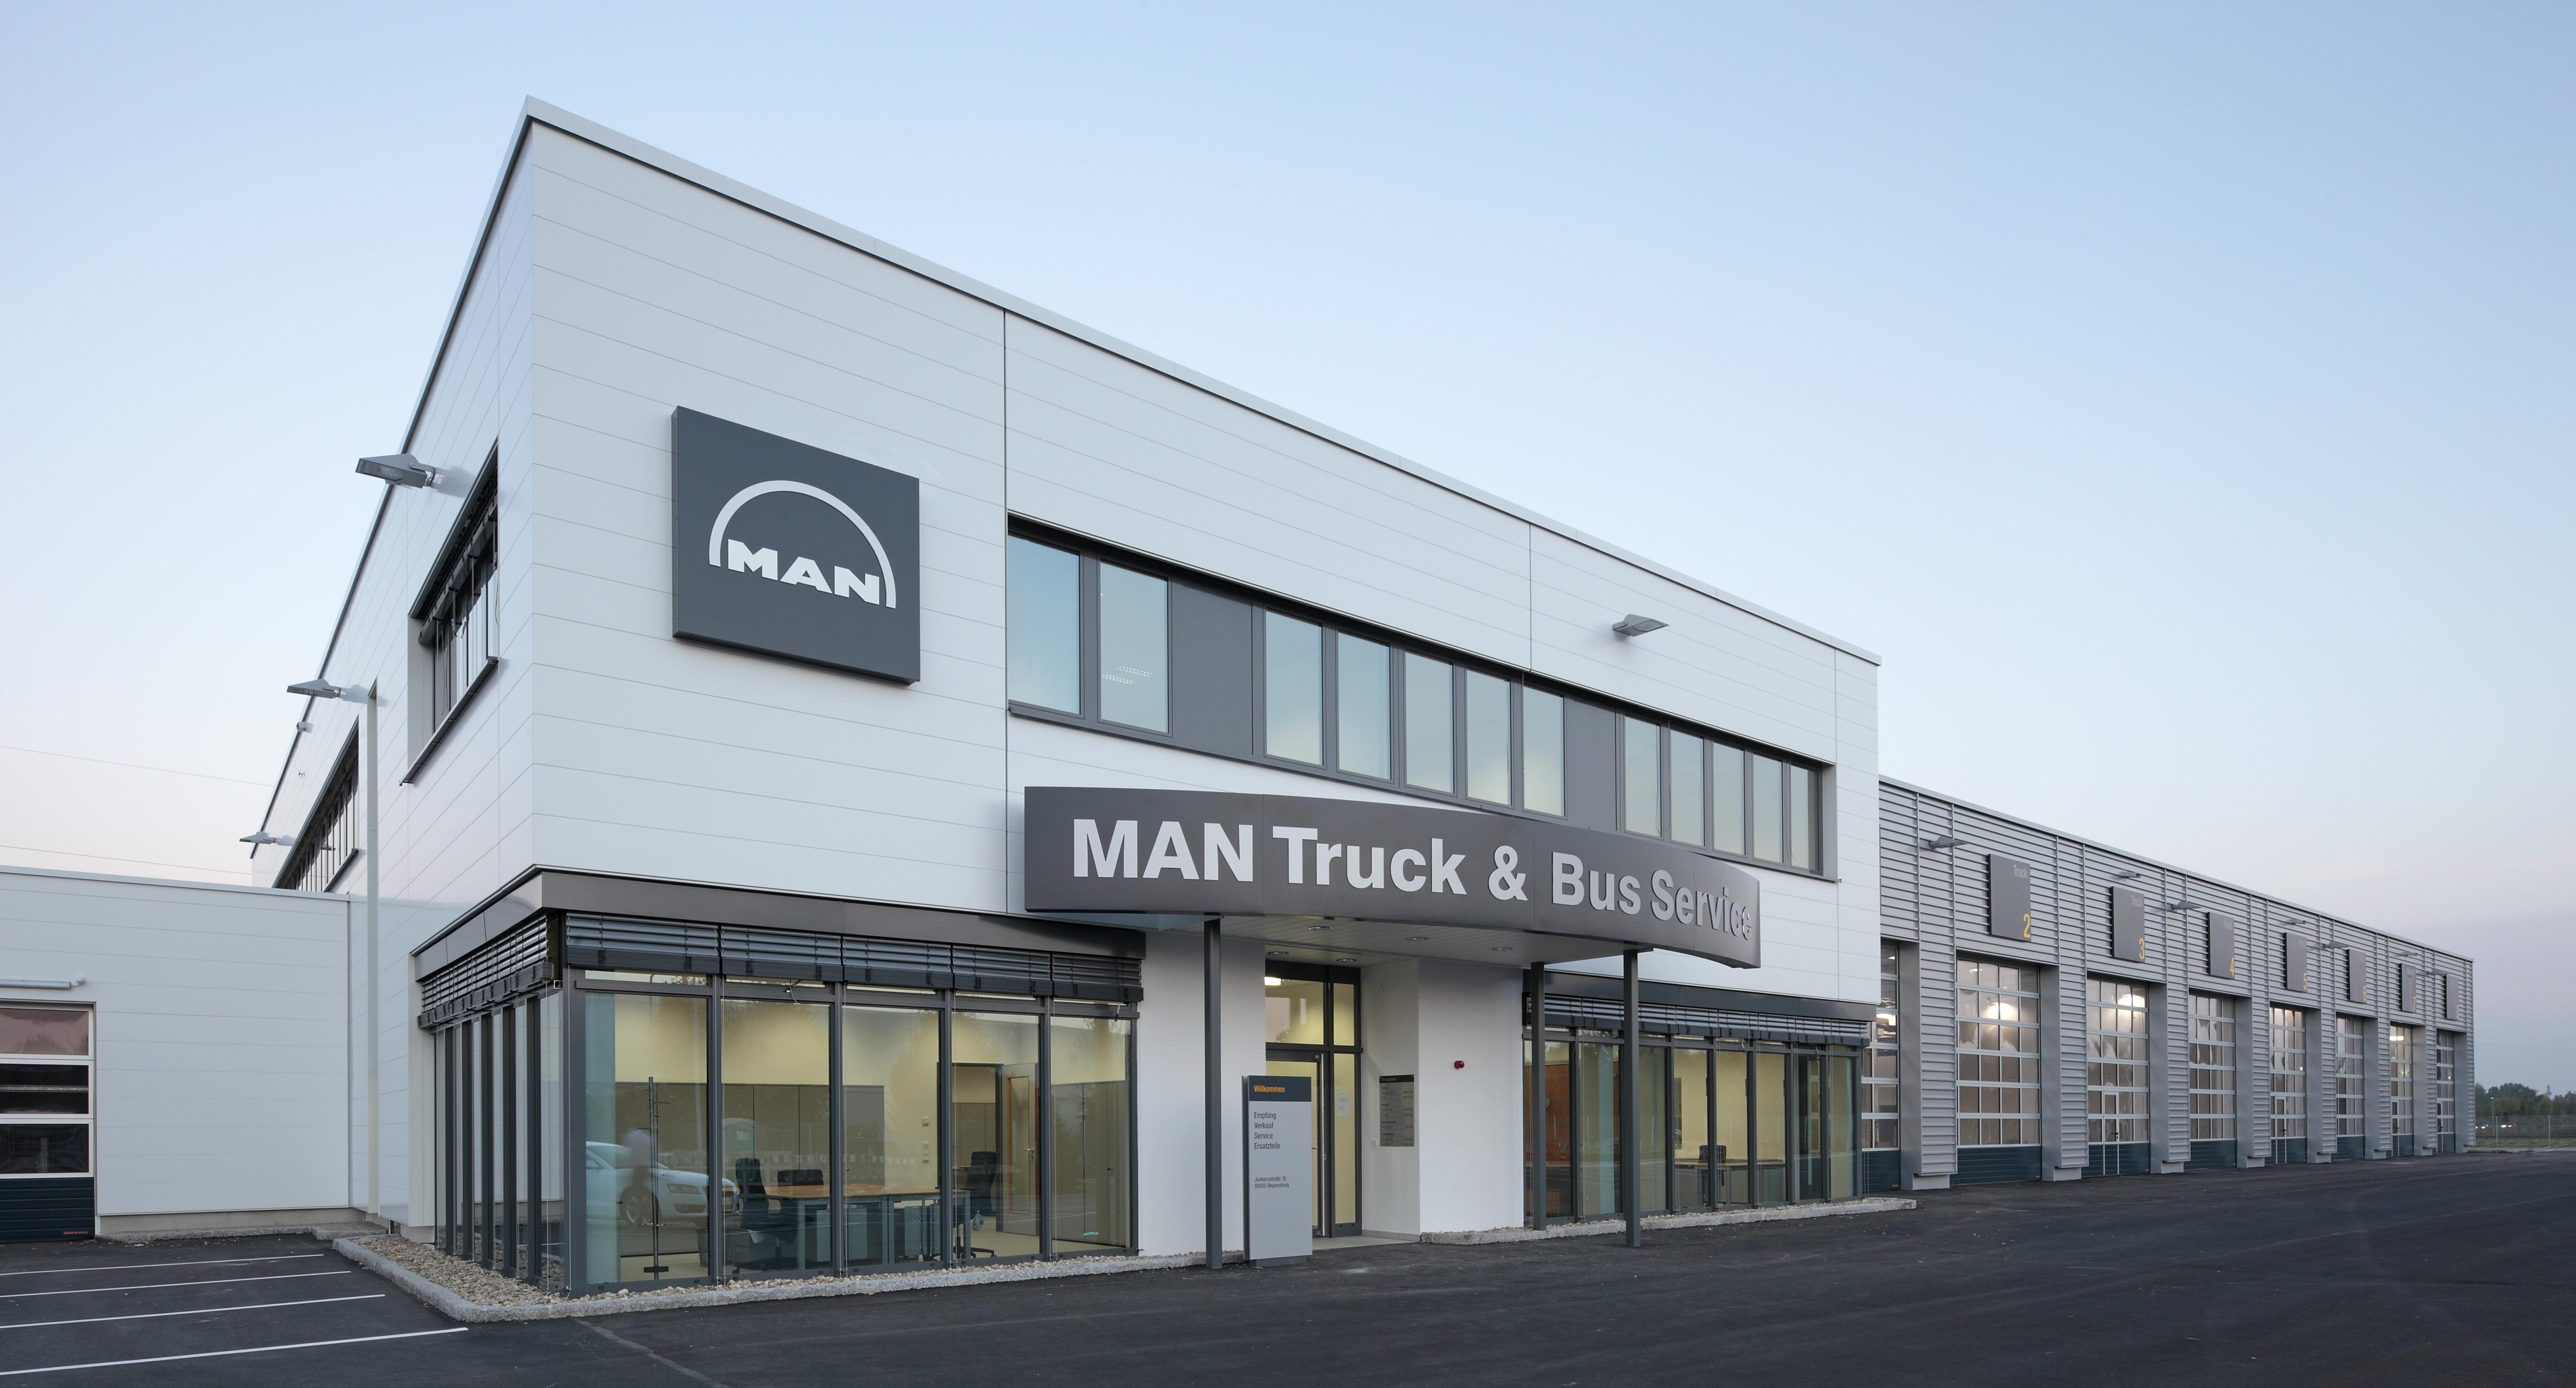 man truck & bus center